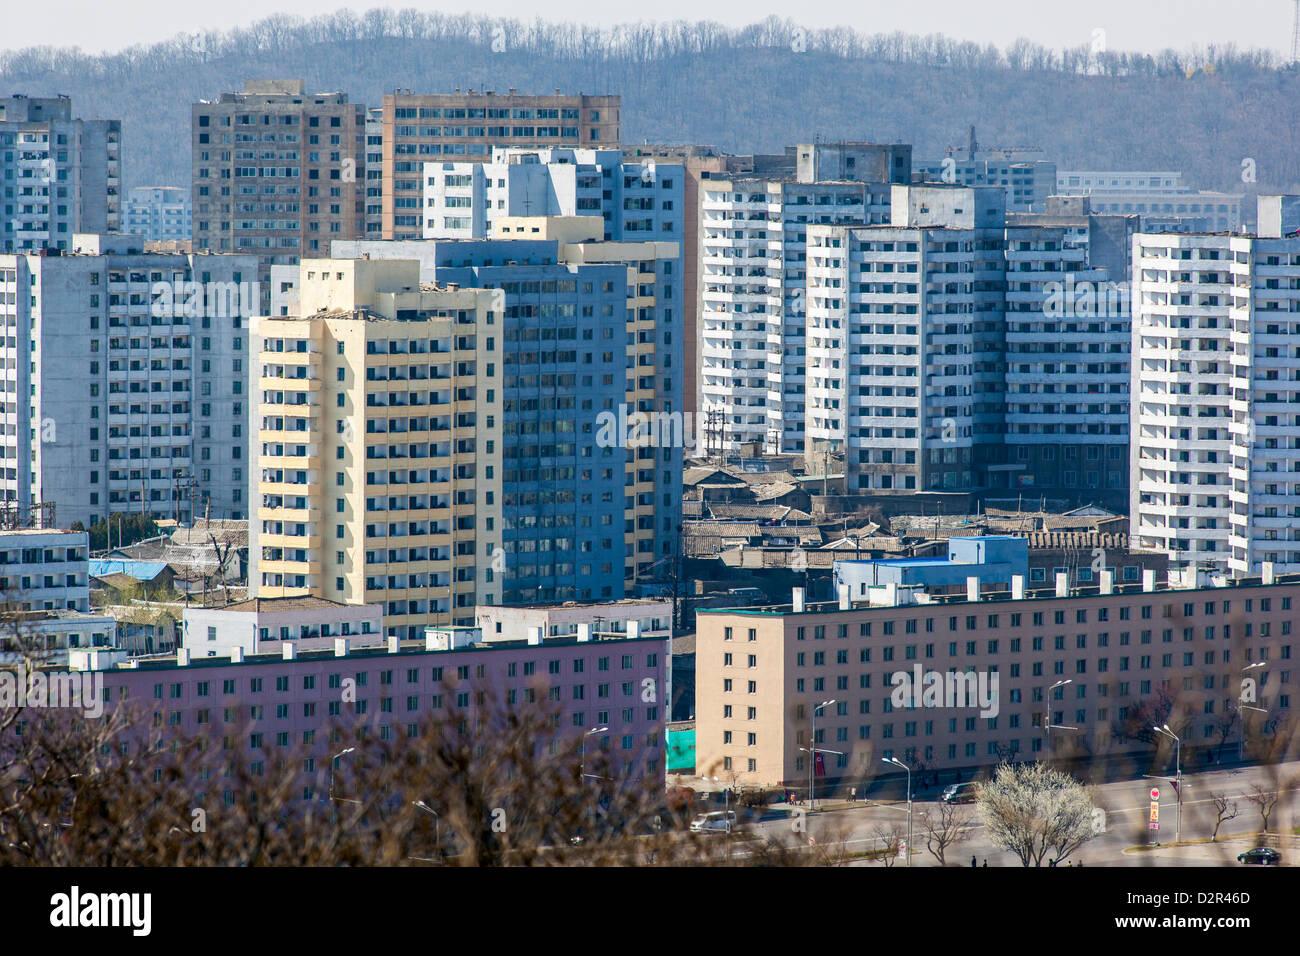 Edifici di appartamenti, Pyongyang, Repubblica Popolare Democratica di Corea (DPRK), la Corea del Nord, Asia Immagini Stock